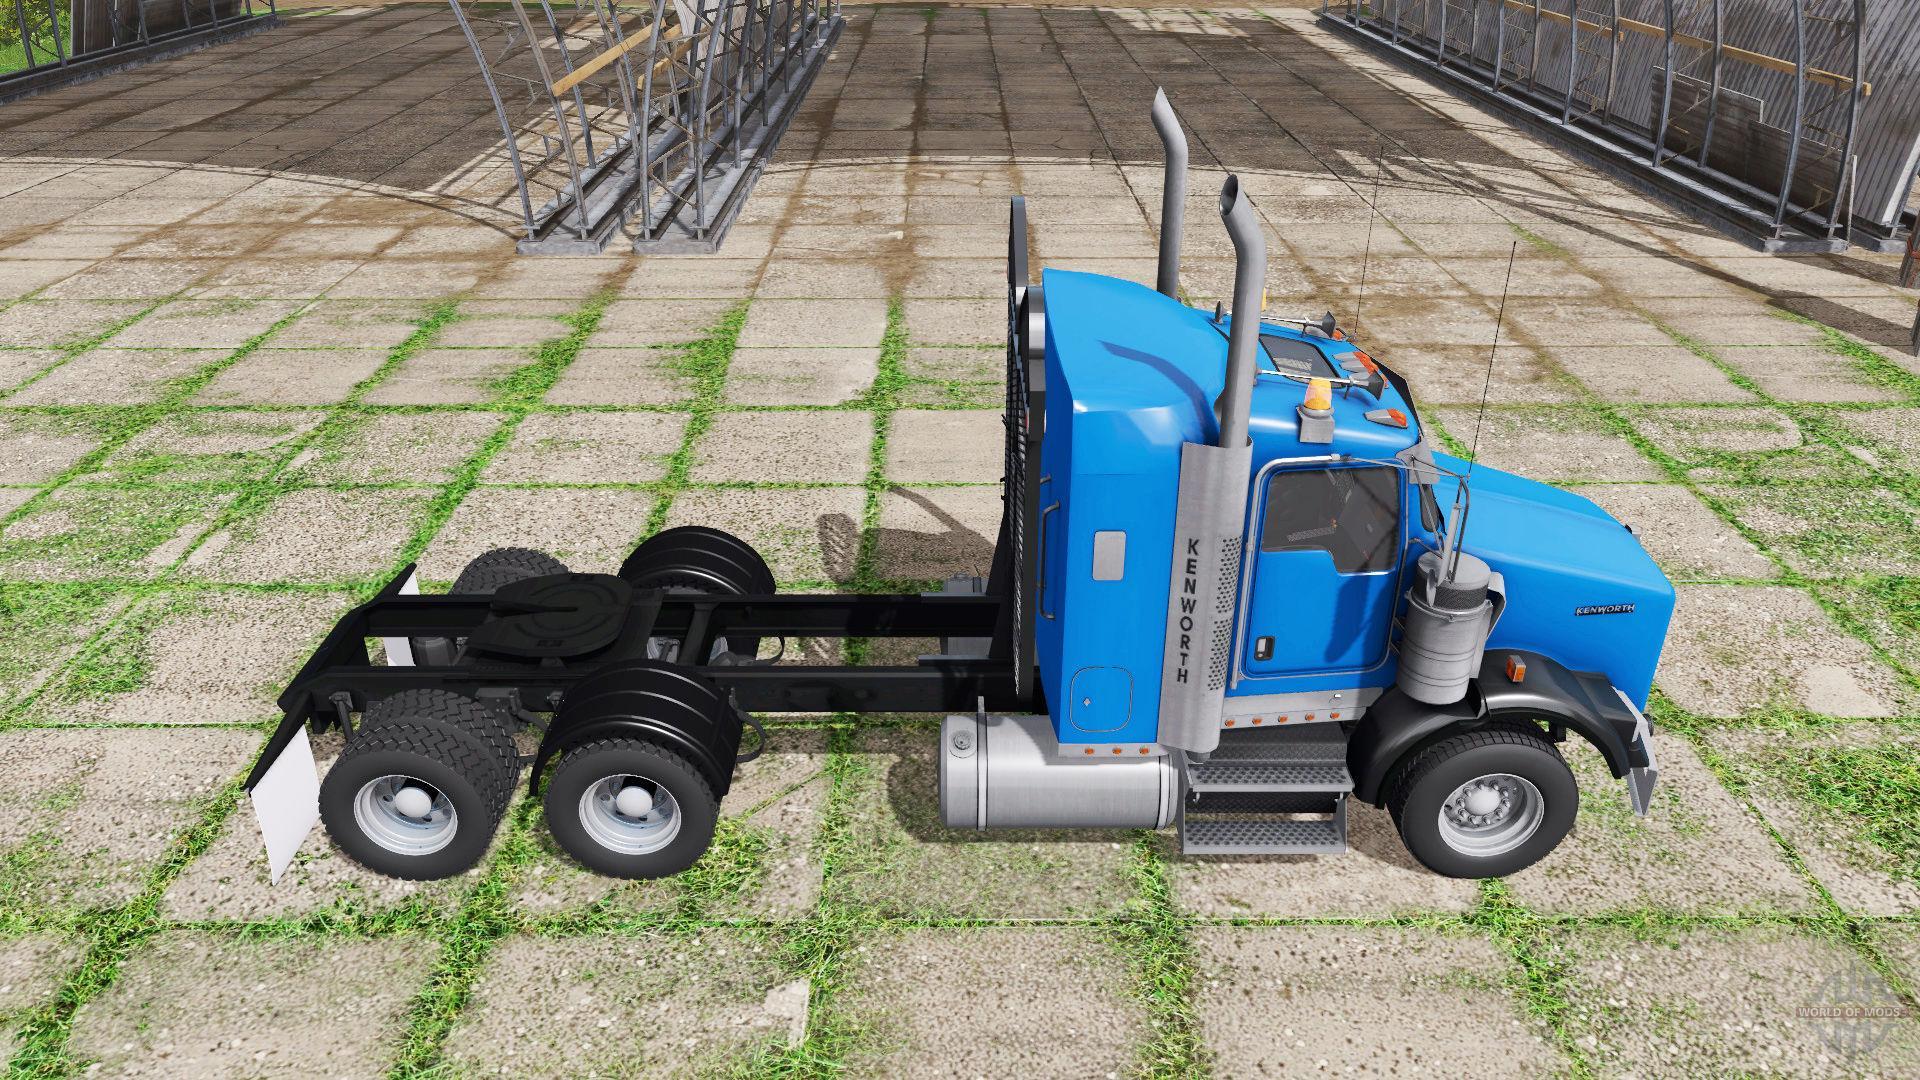 Kenworth T800 » GamesMods.net - FS19, FS17, ETS 2 modsKenworth Dump Trucks Fs19